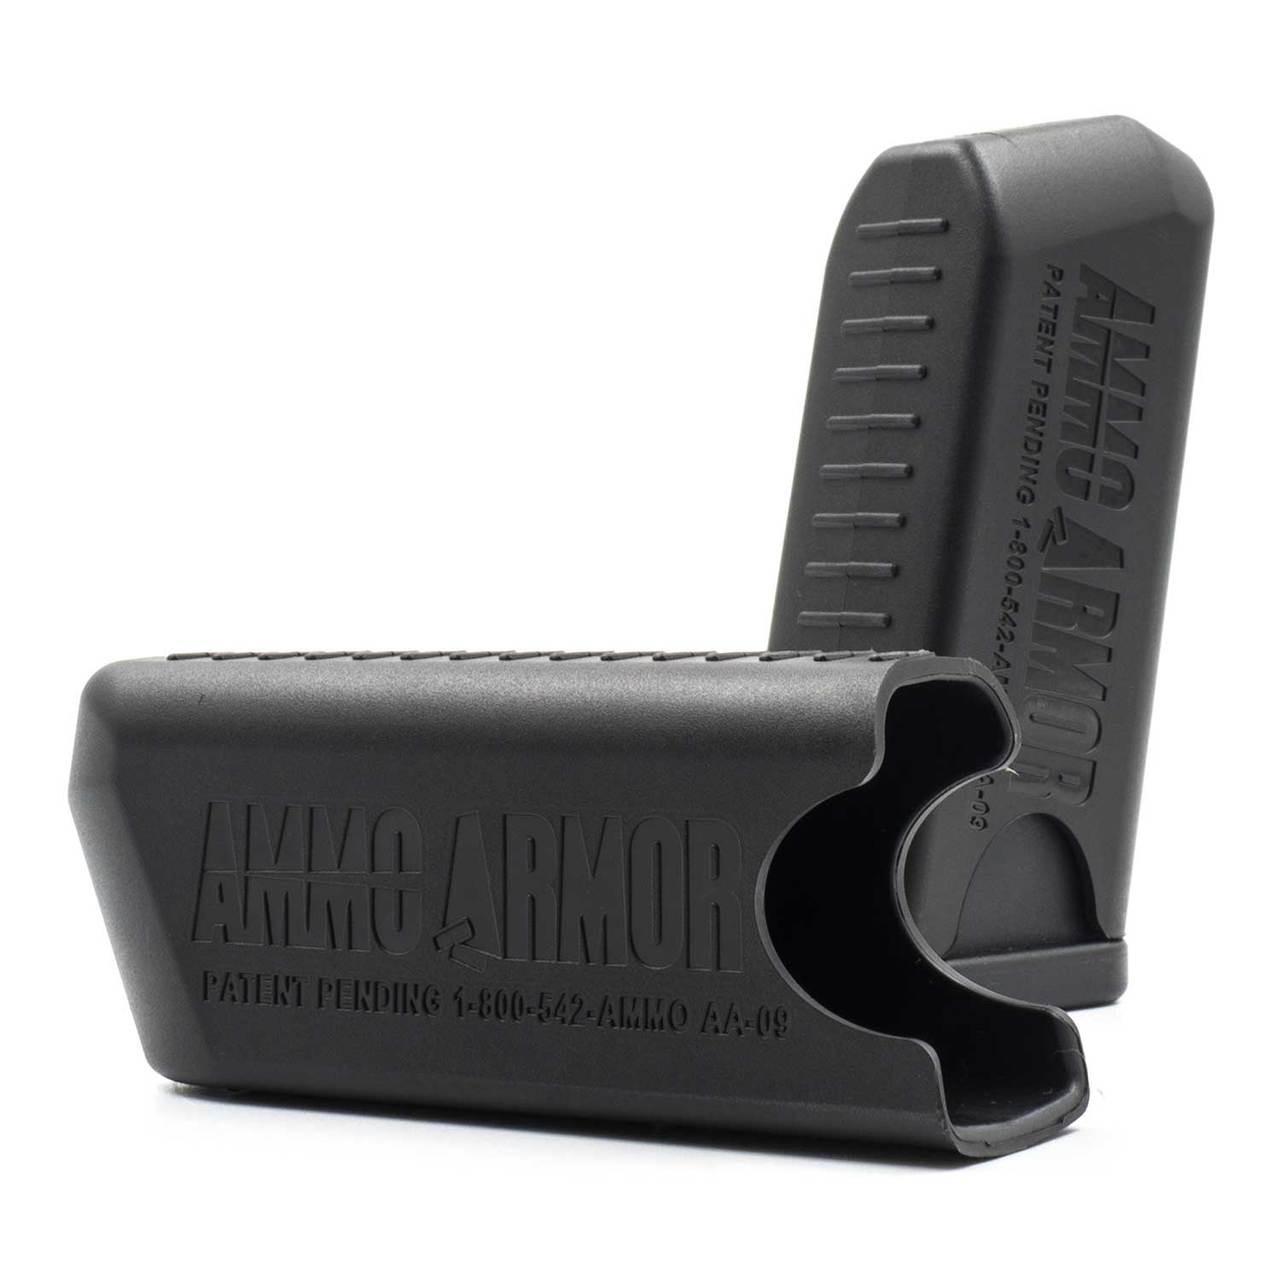 CZ 2075 Rami Ammo Armor